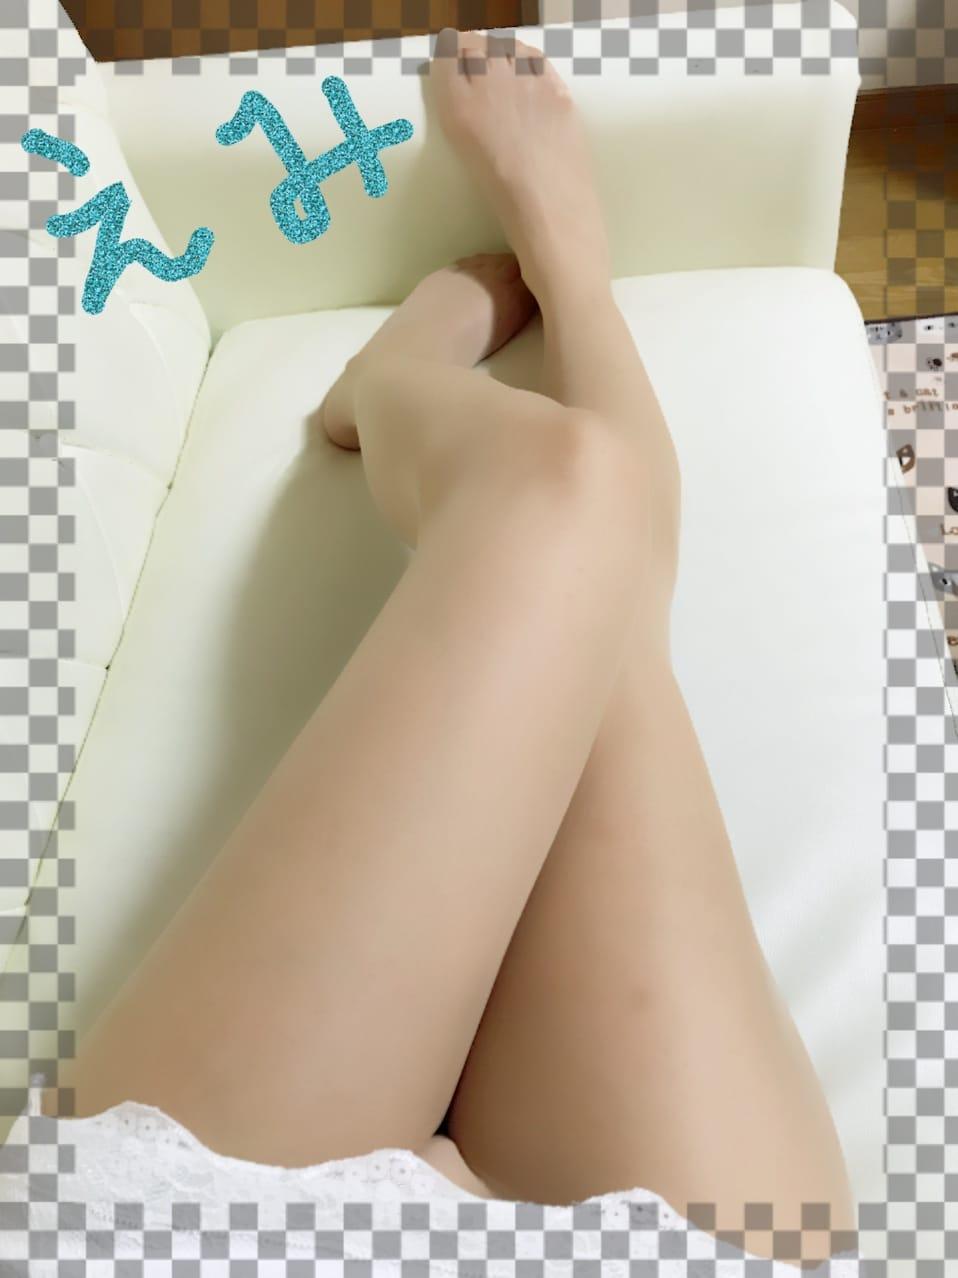 「晴れてきた〜ヾ(●´∇`●)ノ」07/11(火) 11:23 | えみの写メ・風俗動画